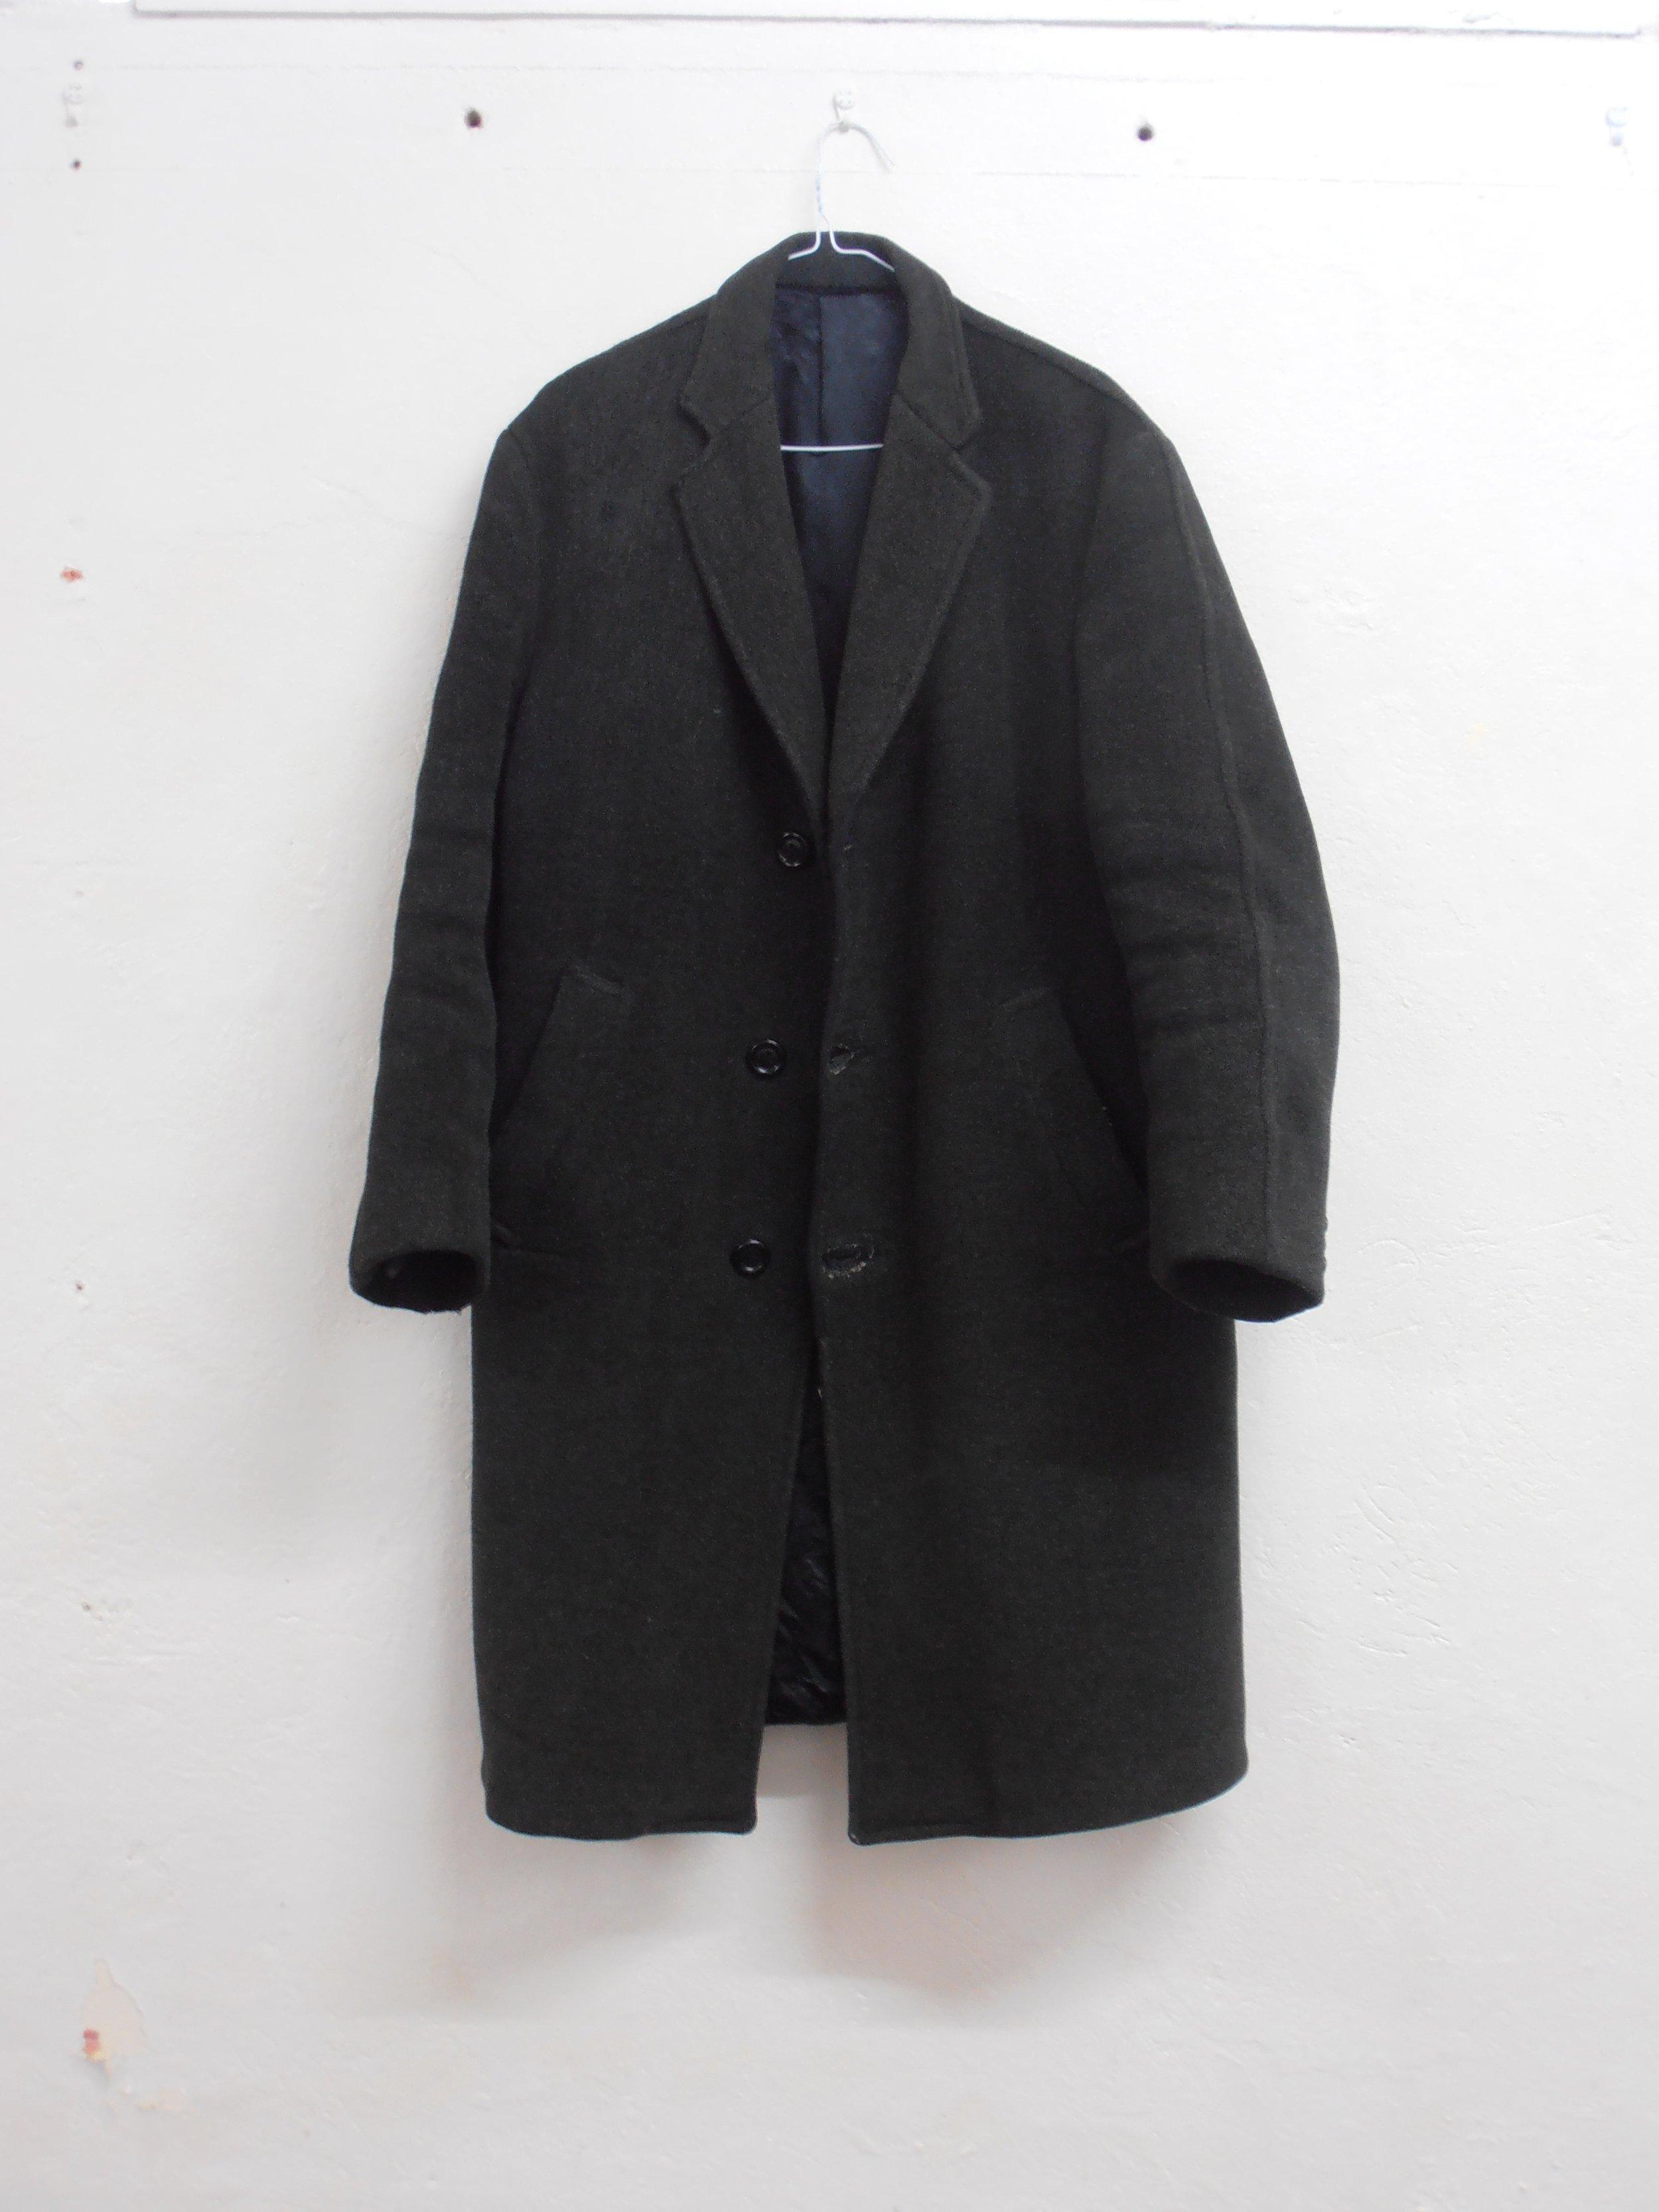 Regan O'Callaghan winter coat, old man coat, studio, British